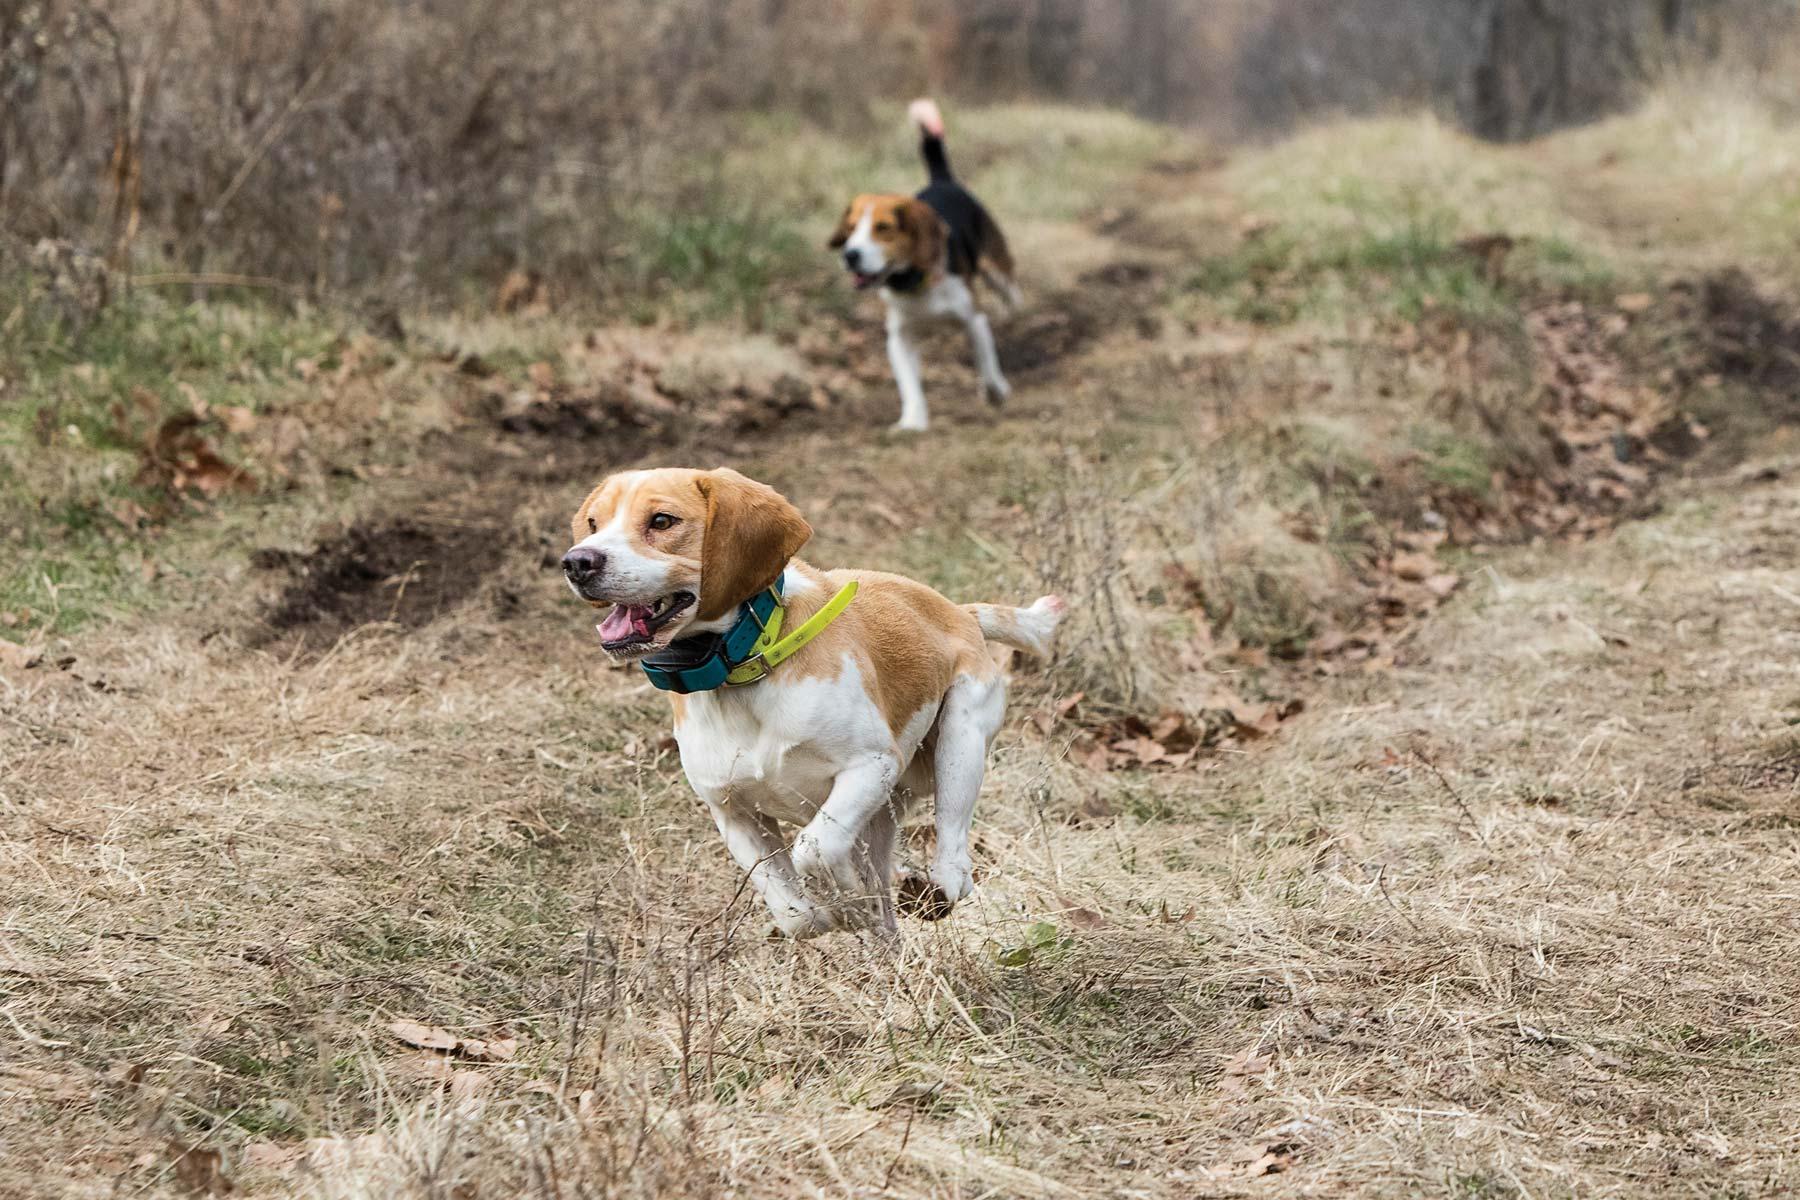 Beagle rabbit hunting training